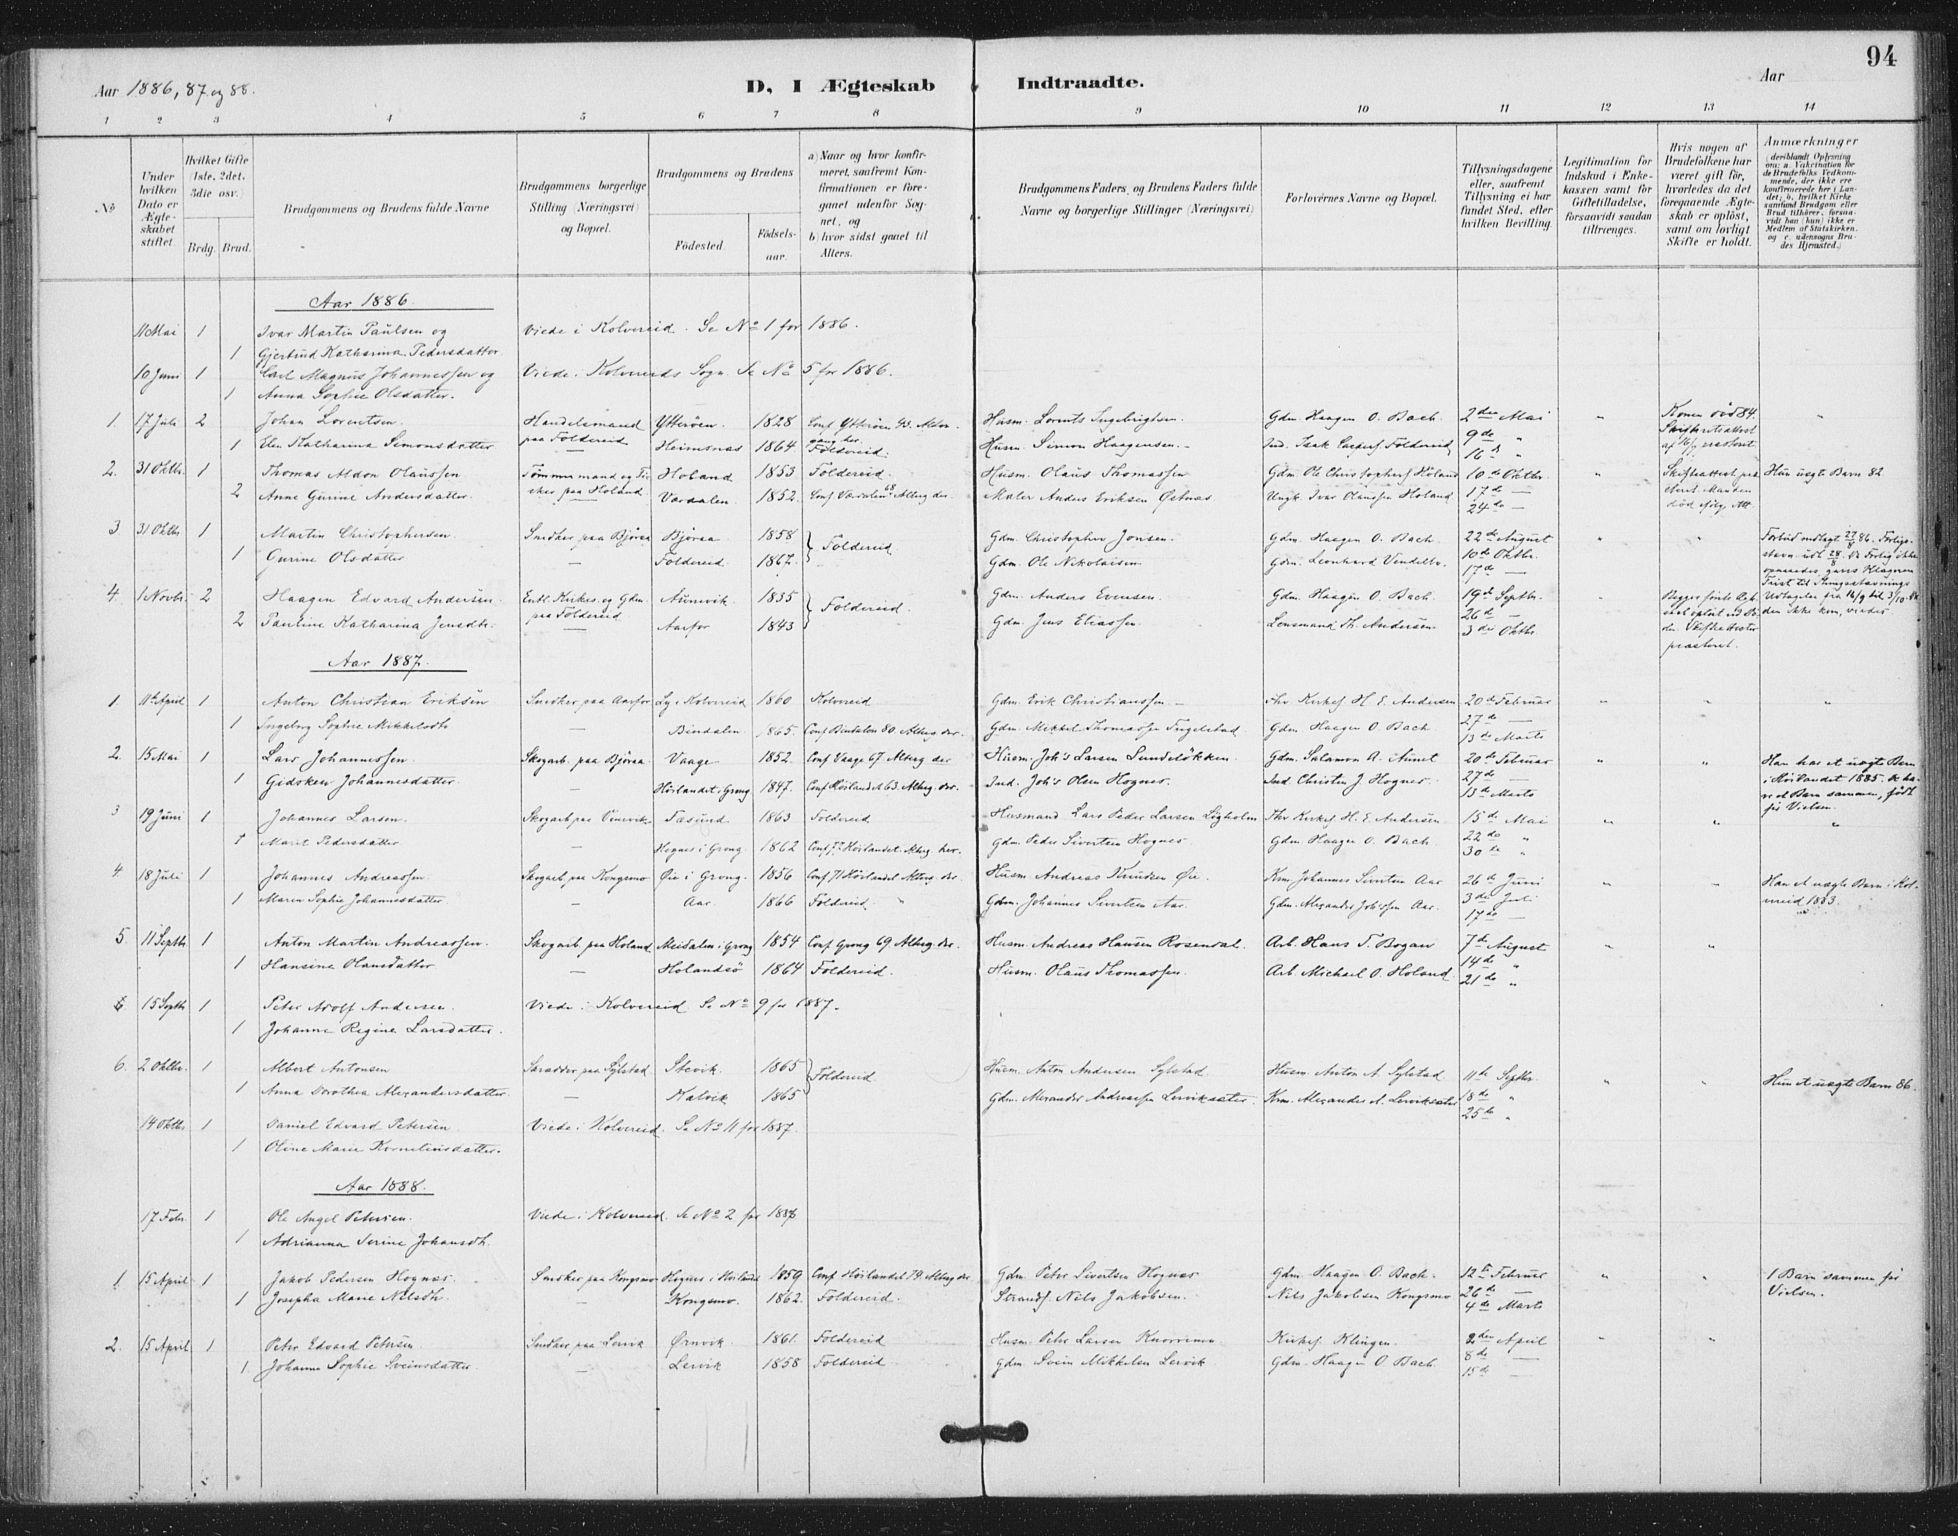 SAT, Ministerialprotokoller, klokkerbøker og fødselsregistre - Nord-Trøndelag, 783/L0660: Ministerialbok nr. 783A02, 1886-1918, s. 94